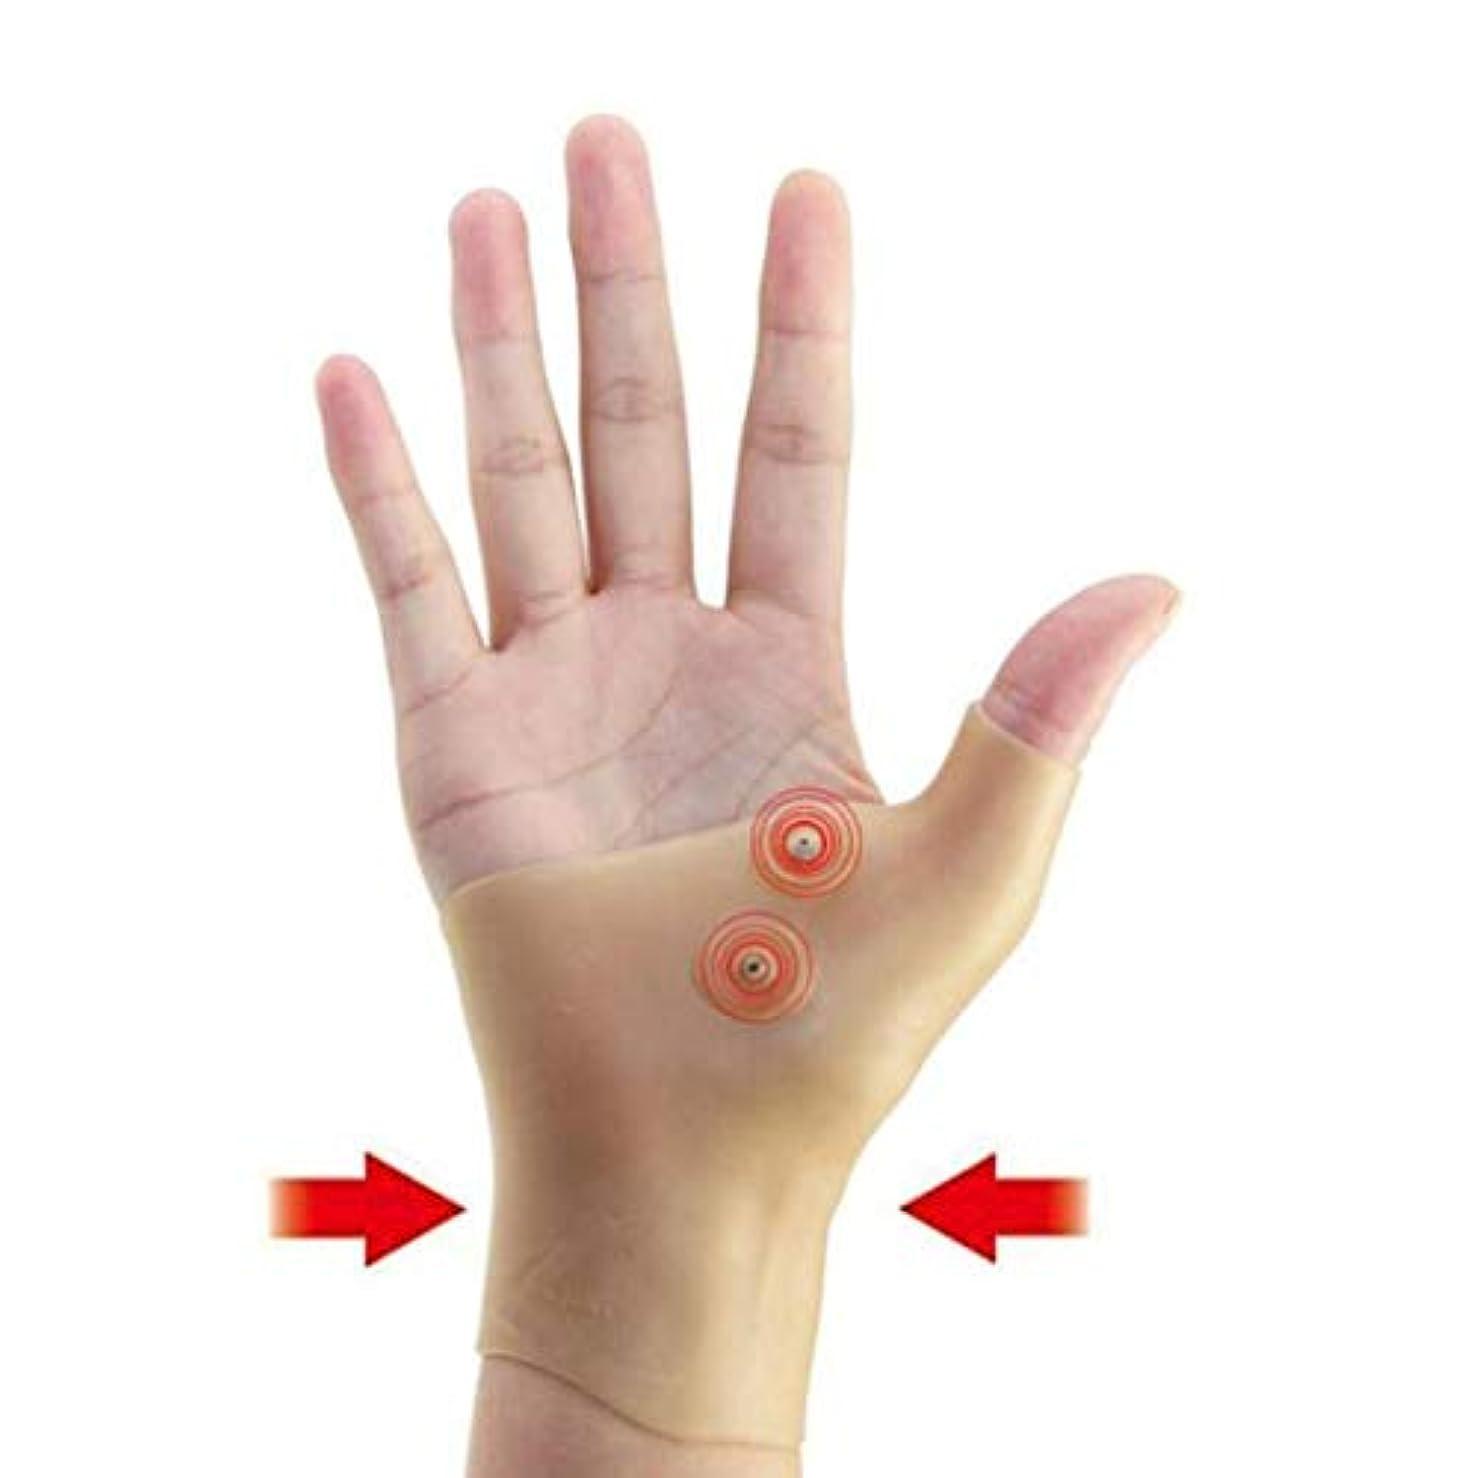 手書き遵守する記念碑磁気療法手首手親指サポート手袋シリコーンゲル関節炎圧力矯正器マッサージ痛み緩和手袋 - 肌の色